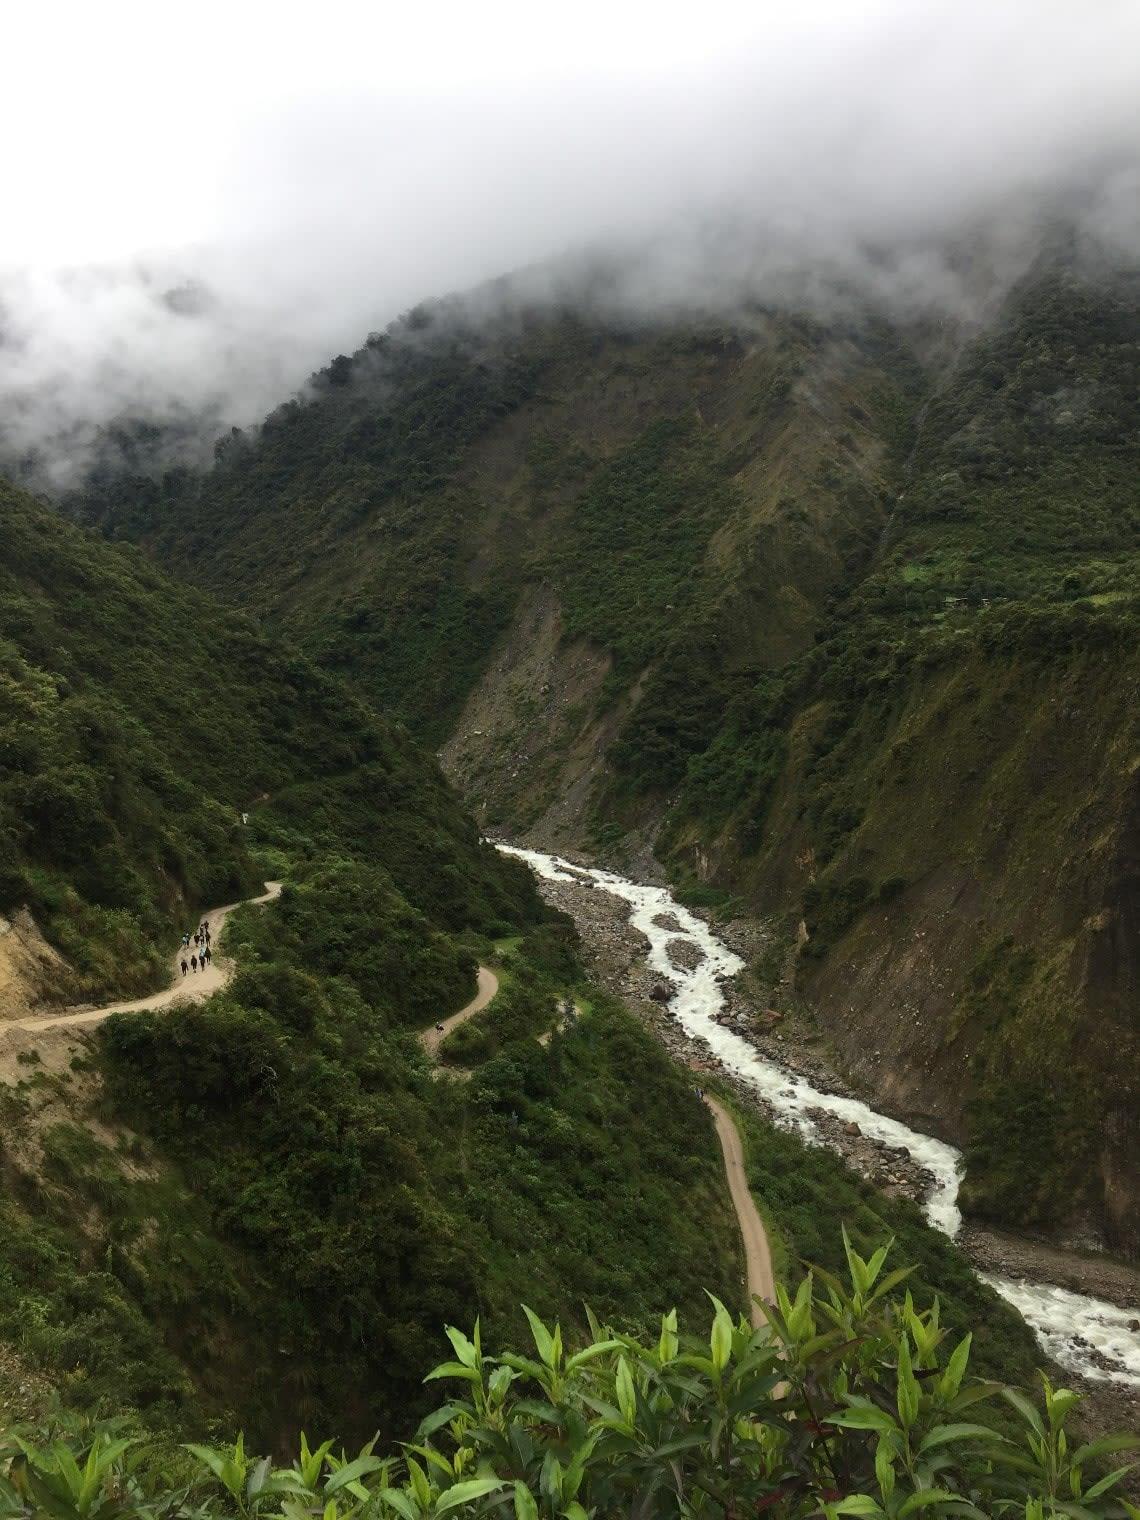 Salkantay Pass, Andes Mountains, Peru